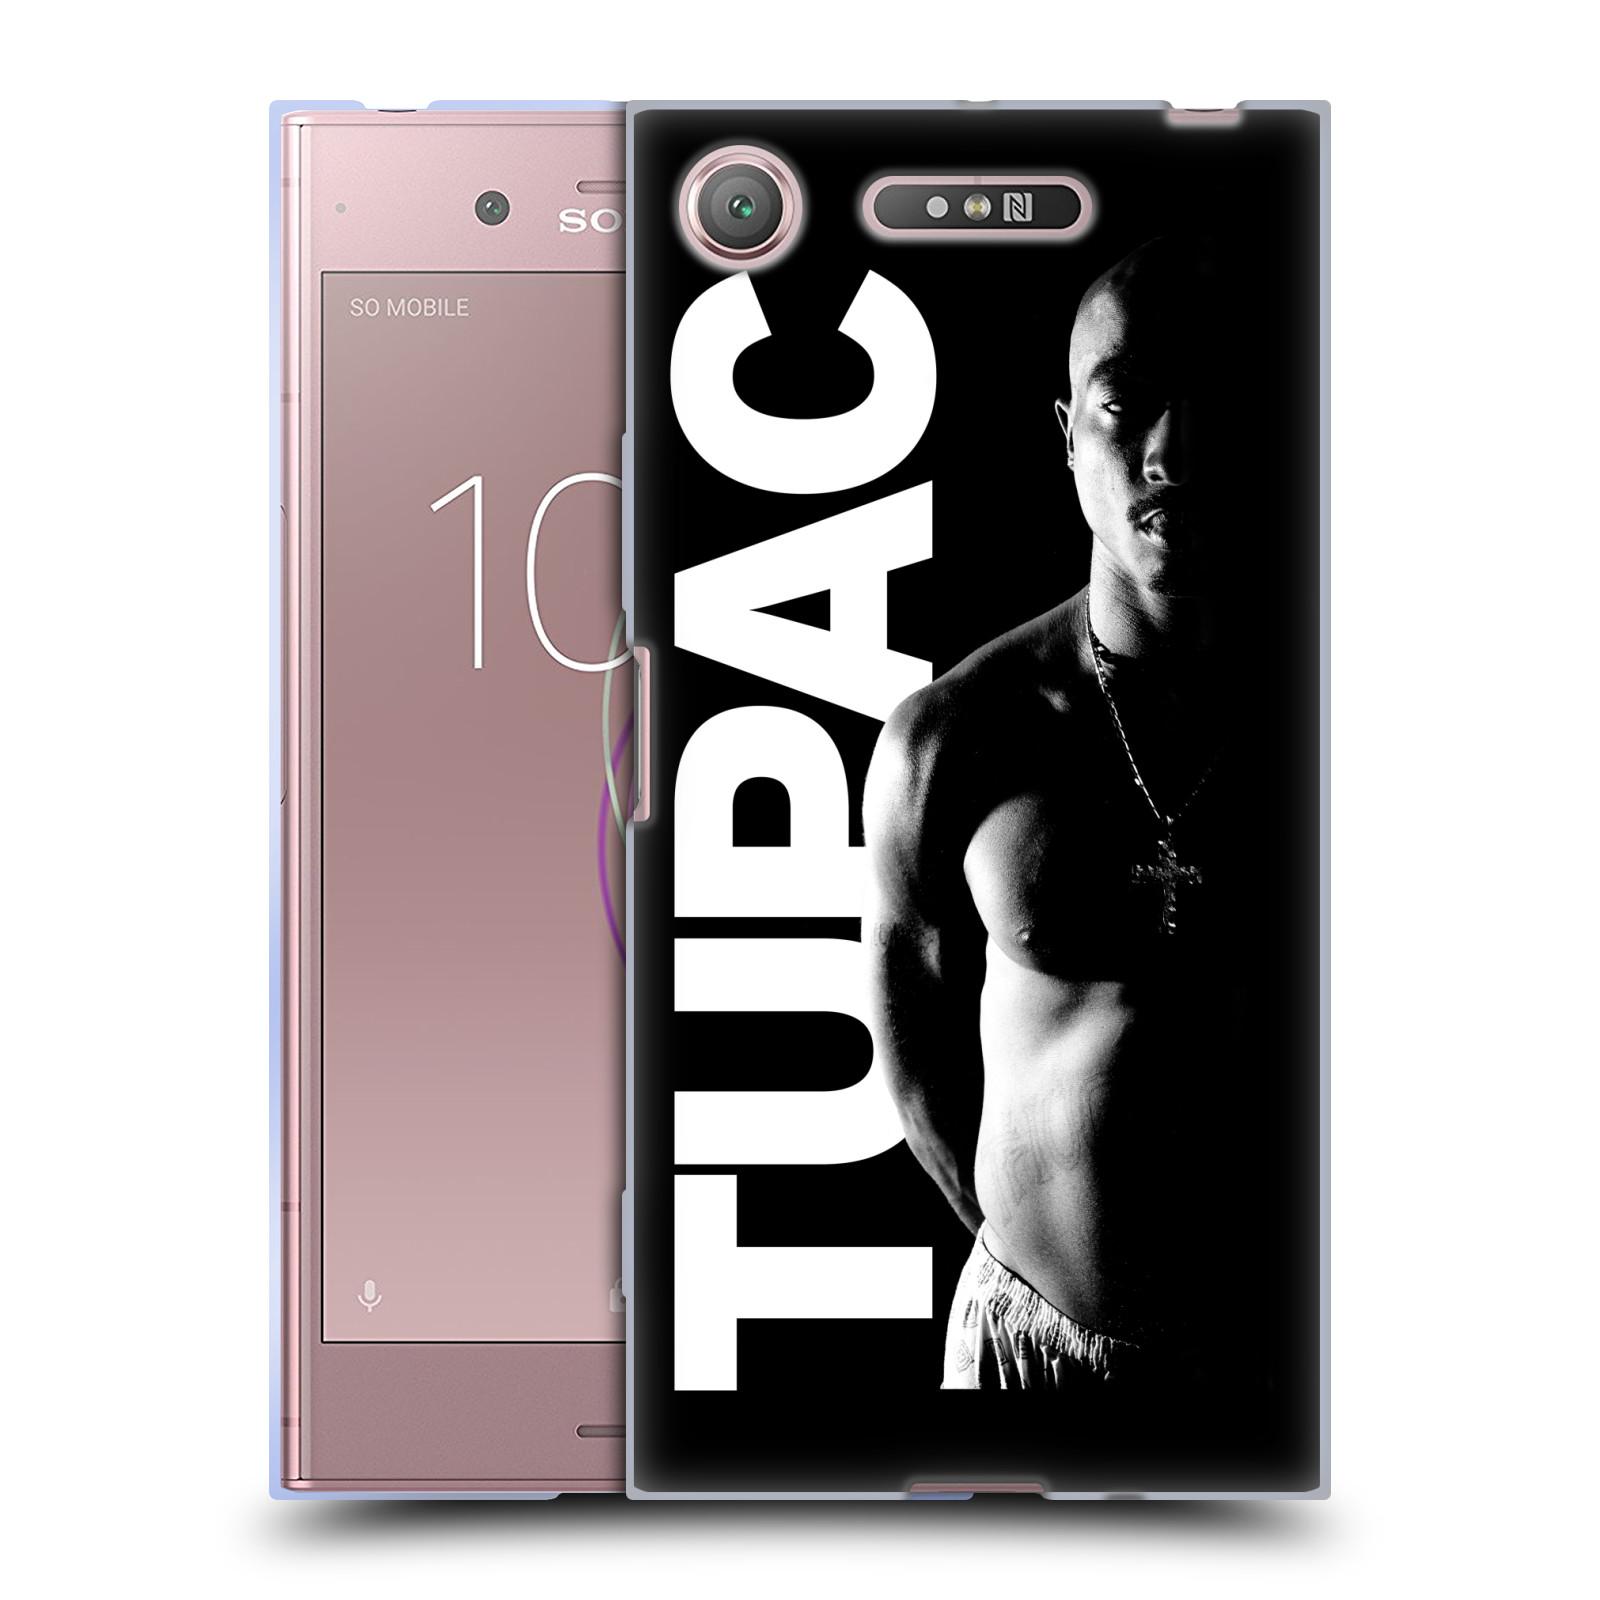 Silikonové pouzdro na mobil Sony Xperia XZ1 - Head Case - TUPAC - Black and White (Silikonový kryt či obal na mobilní telefon Sony Xperia XZ1 (G8342 Dual Sim / G8341 Single Sim) s motivem TUPAC - Black and White)